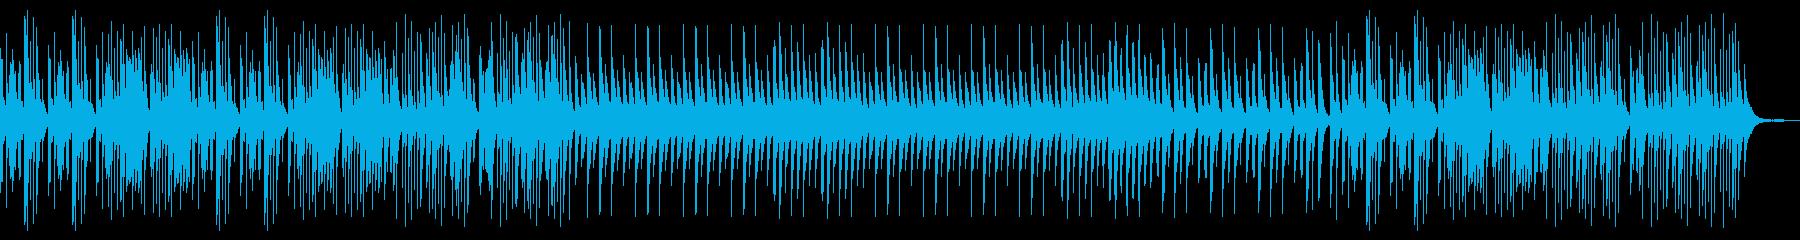 愛と悲しみをイメージしたオルゴールの再生済みの波形